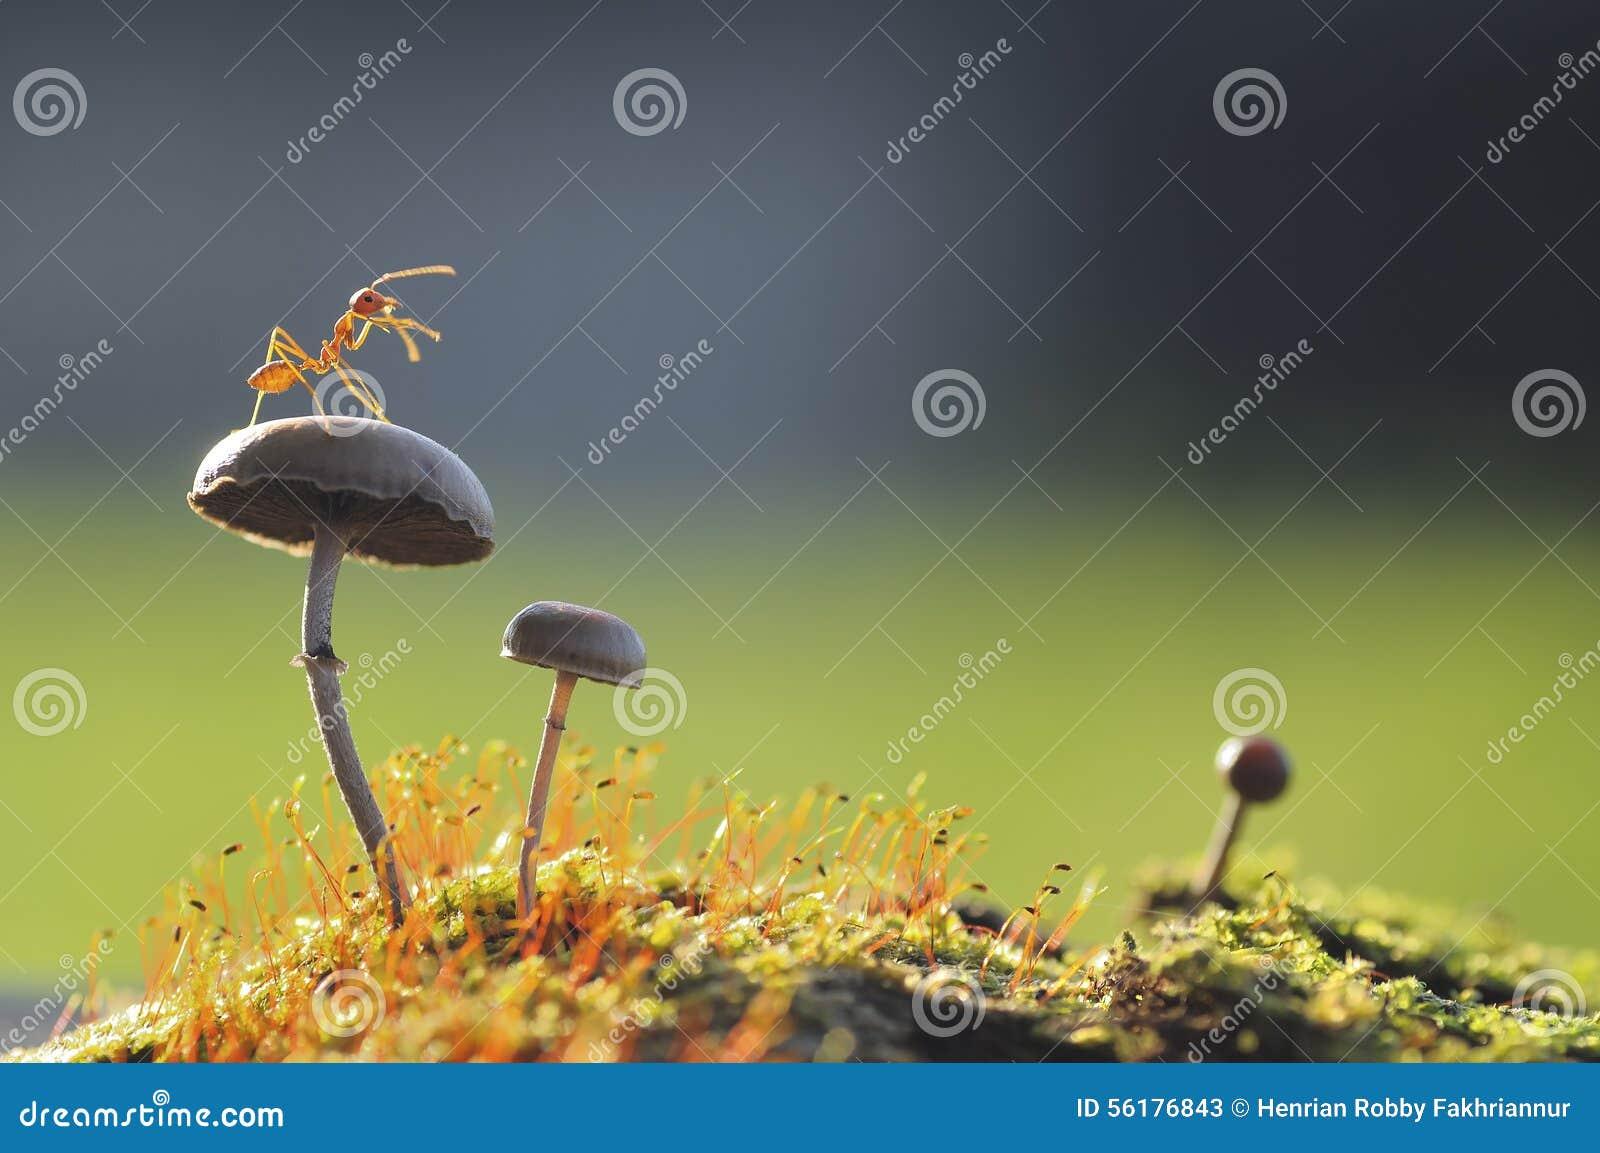 Weaver Ant on a mushroom